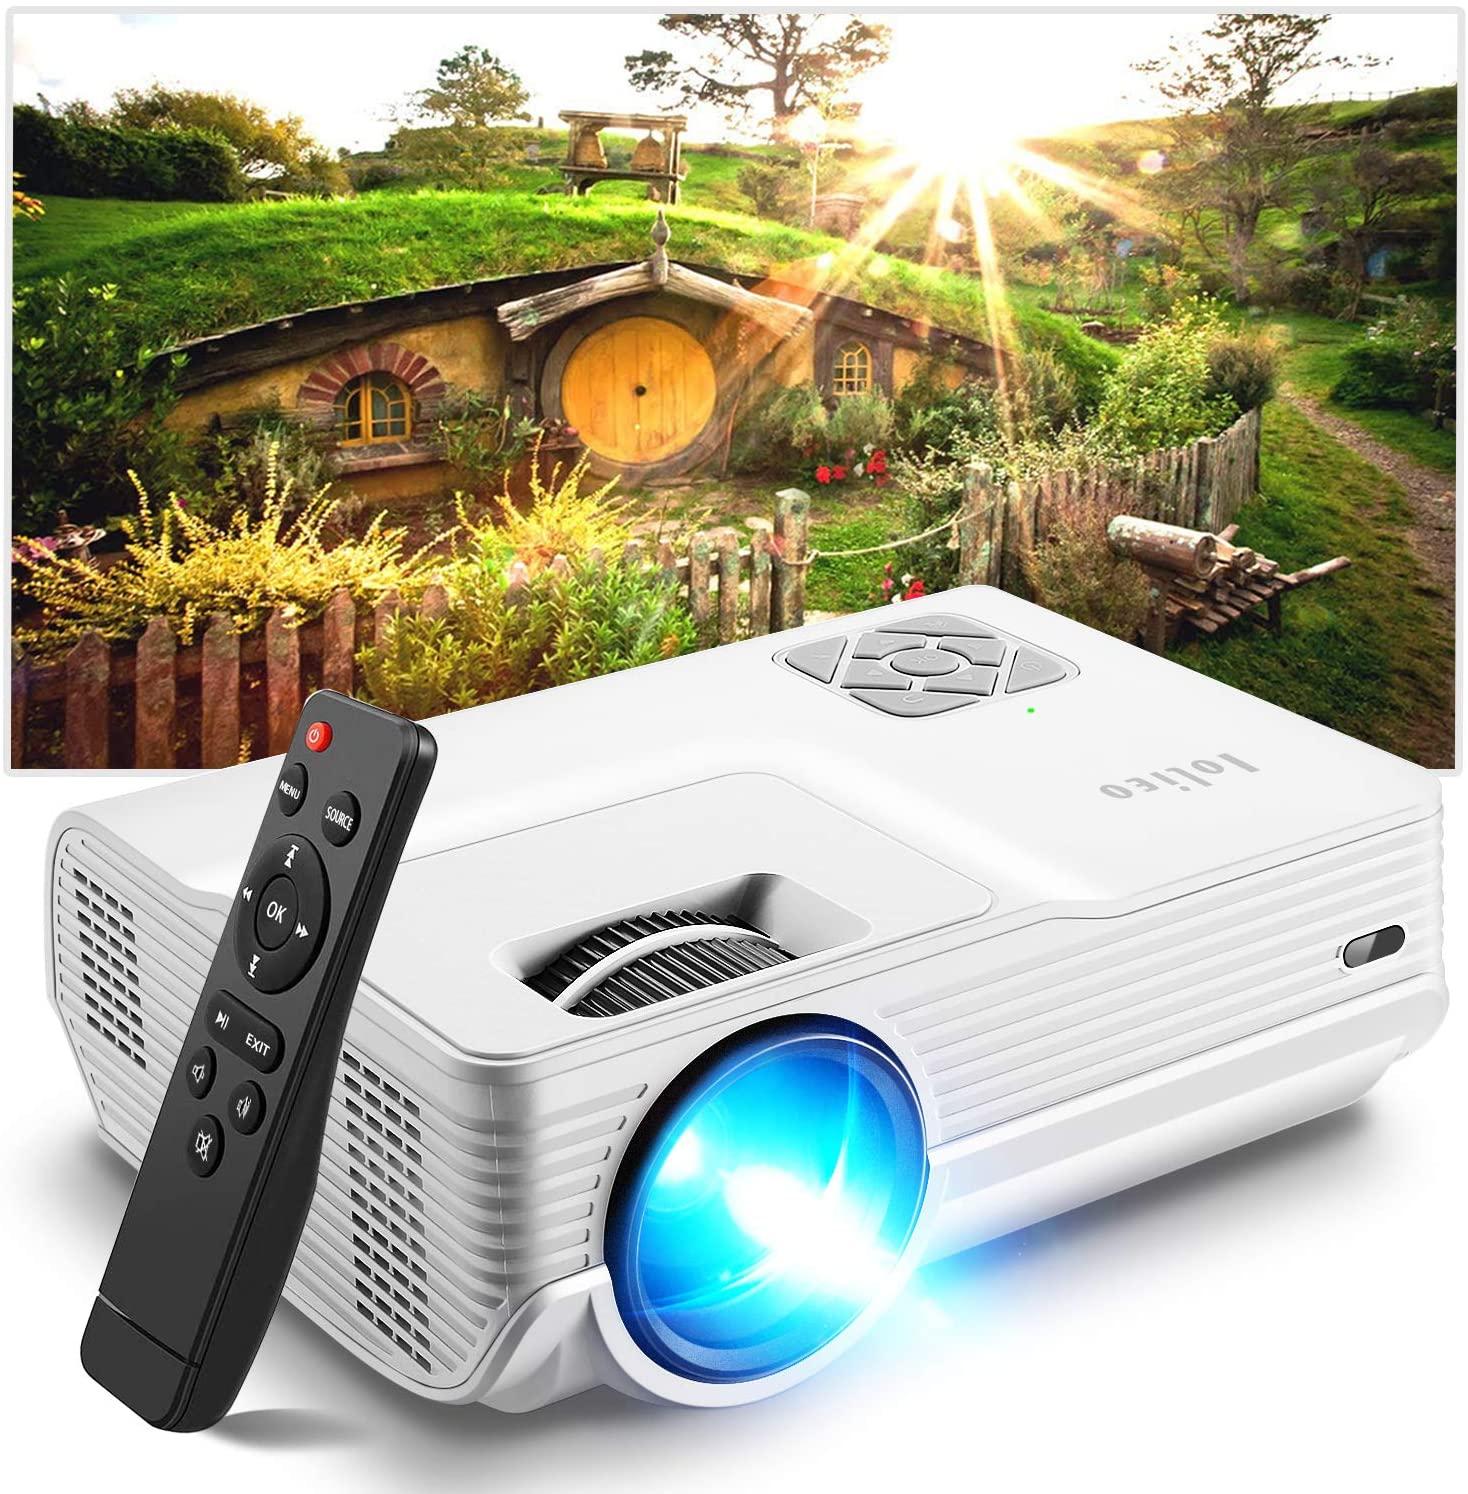 Iolieo mini proyector portátil FX-01 - Actualizado 2021